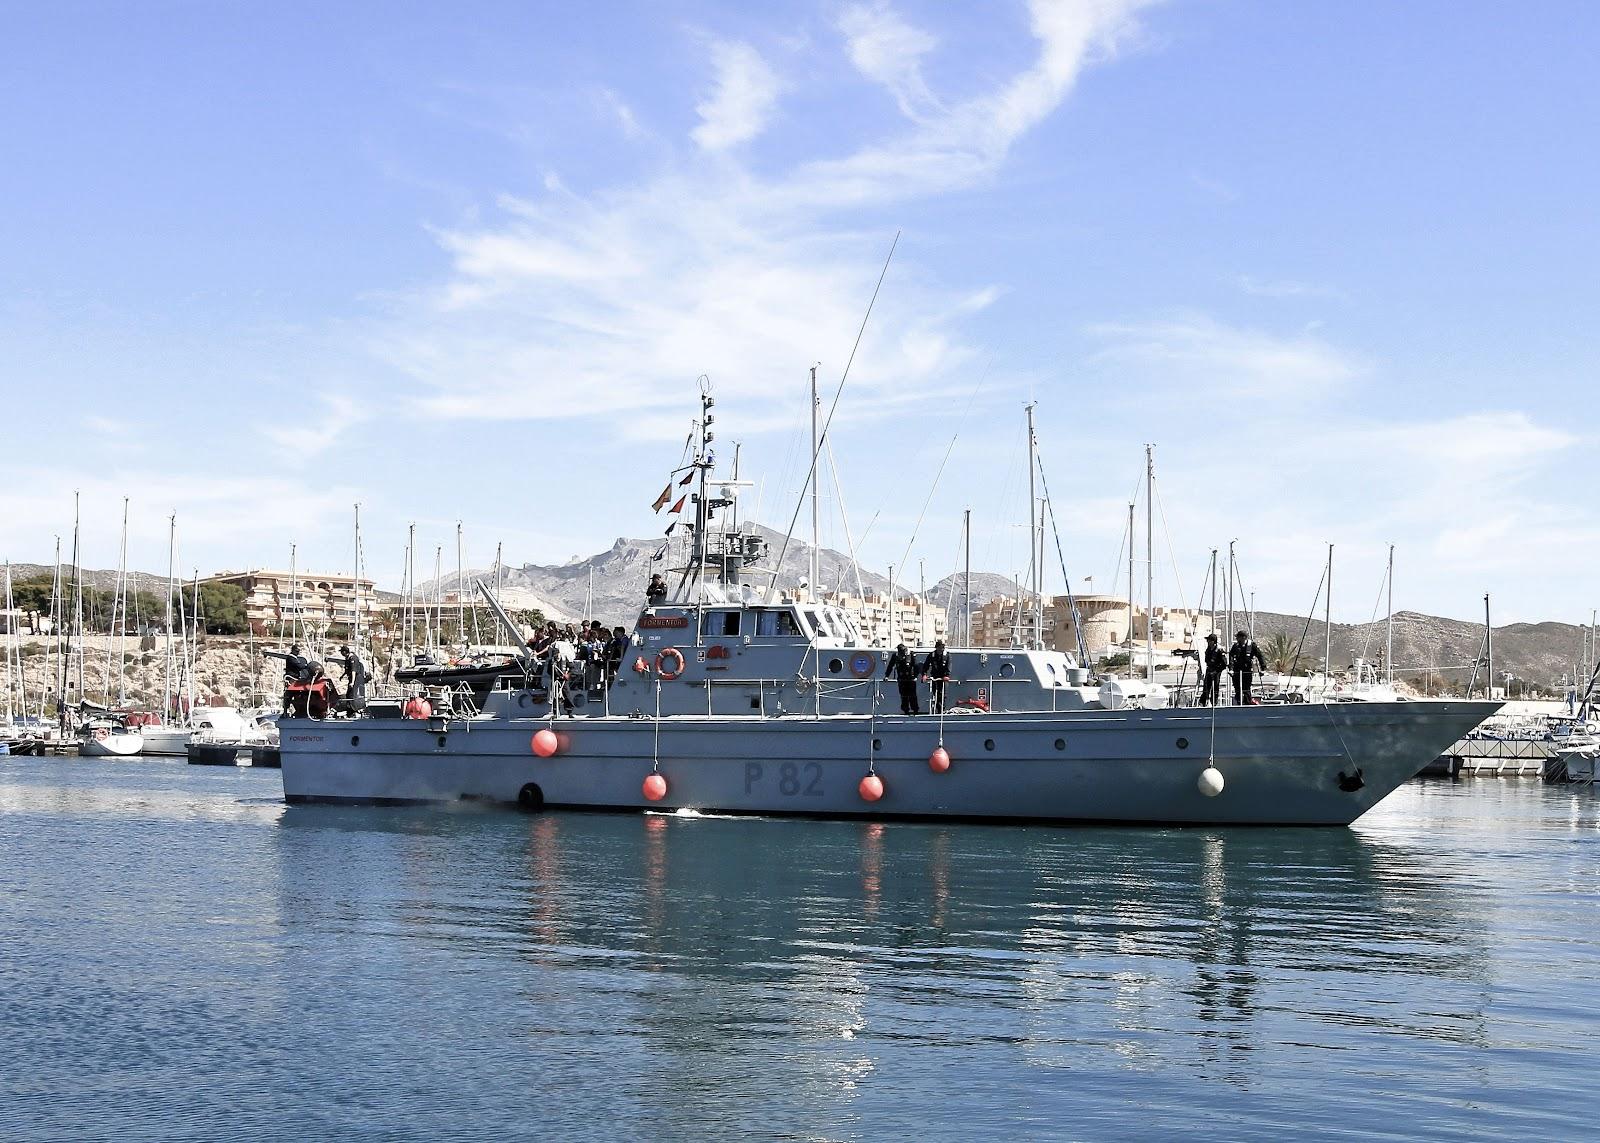 Bautismos de Mar - Formentor